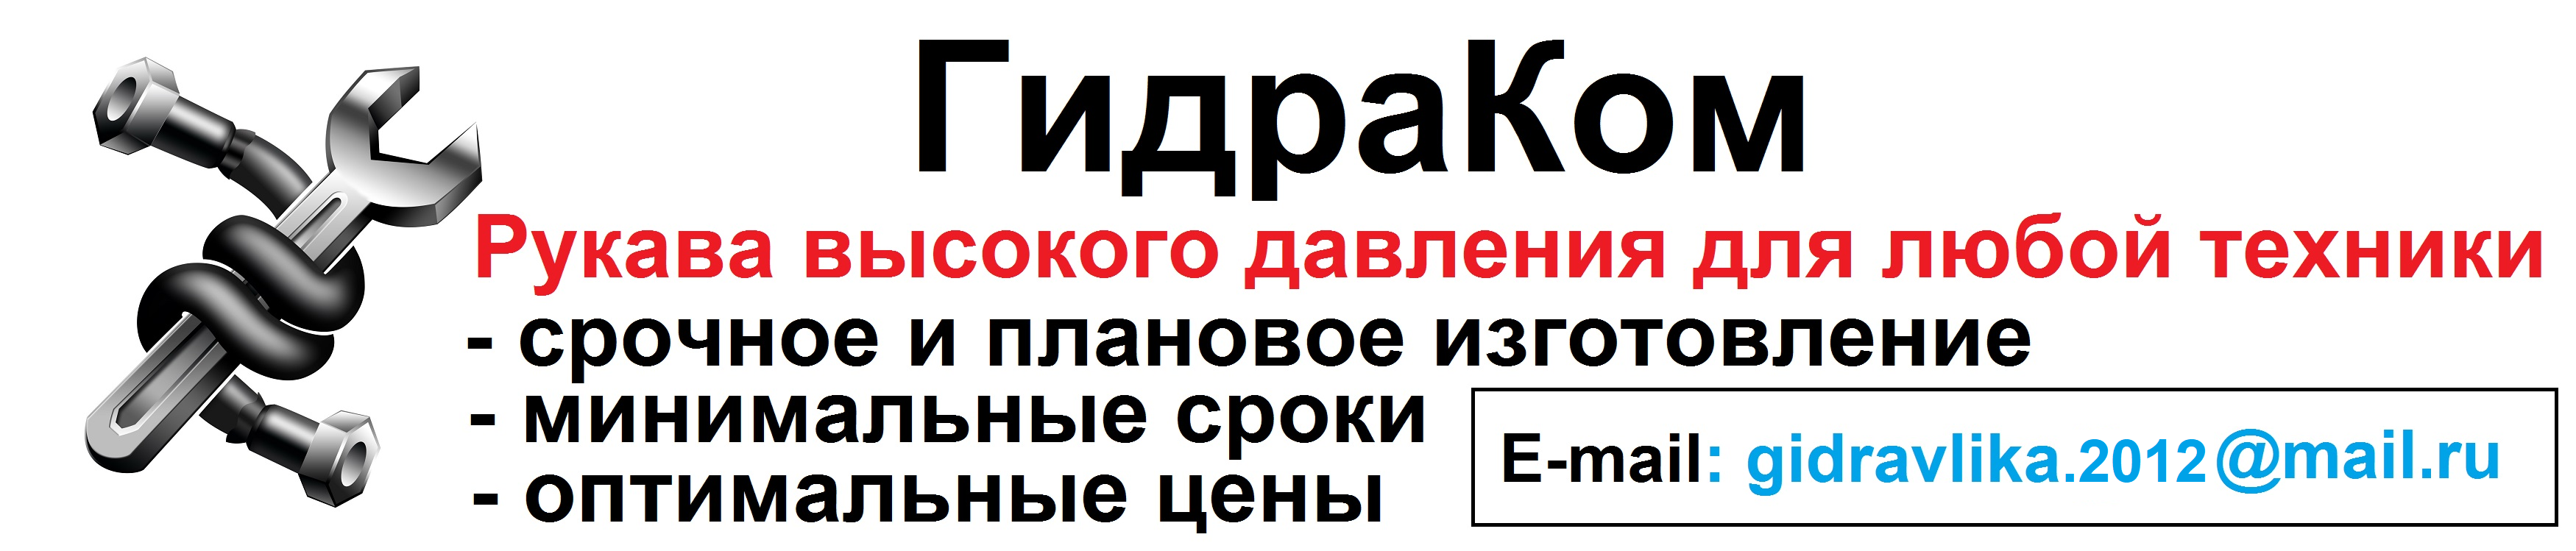 ГидраКом